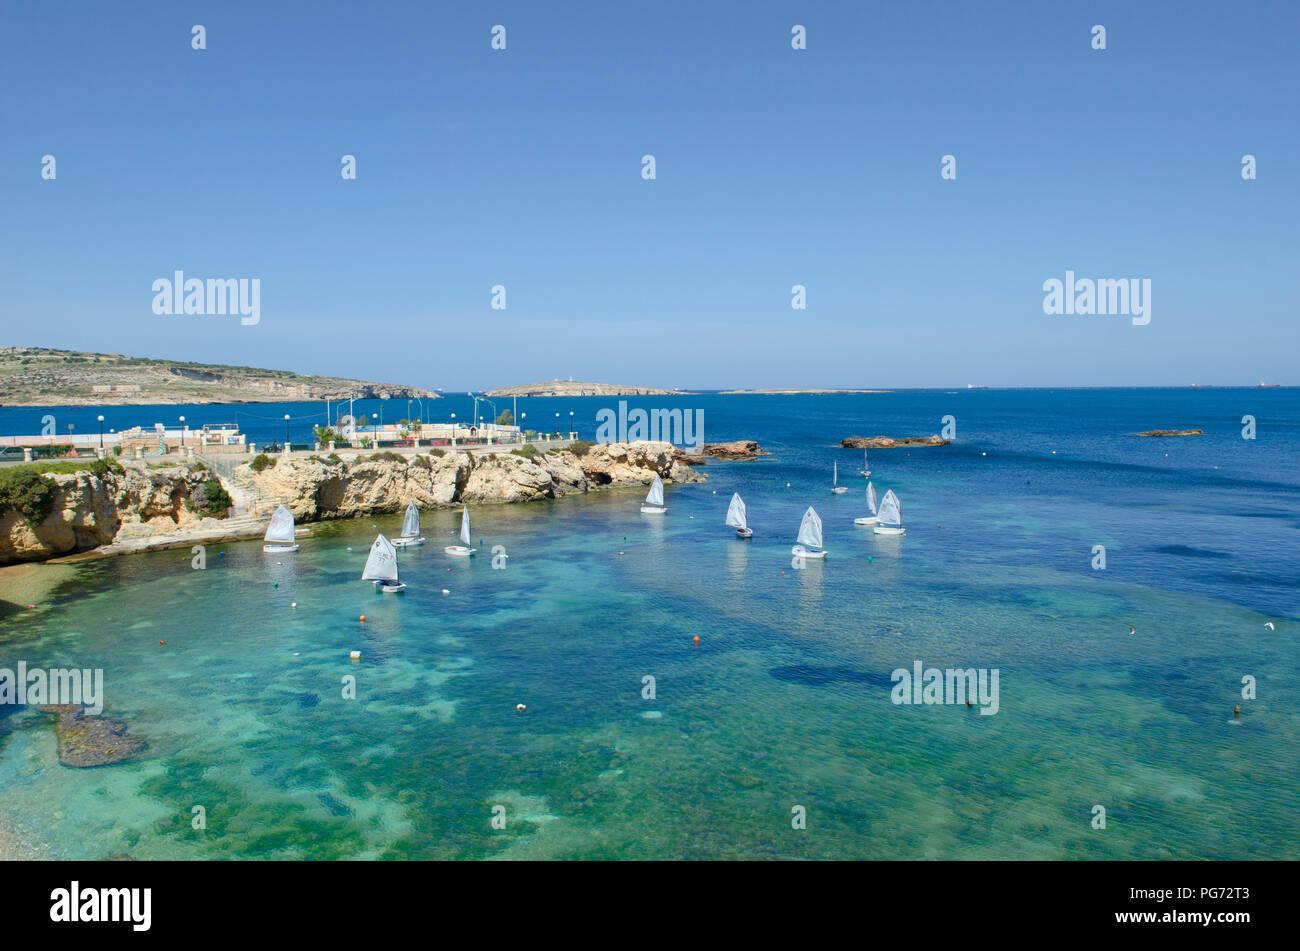 Malta fronte spiaggia La Valletta Malta Seascape Immagini Stock